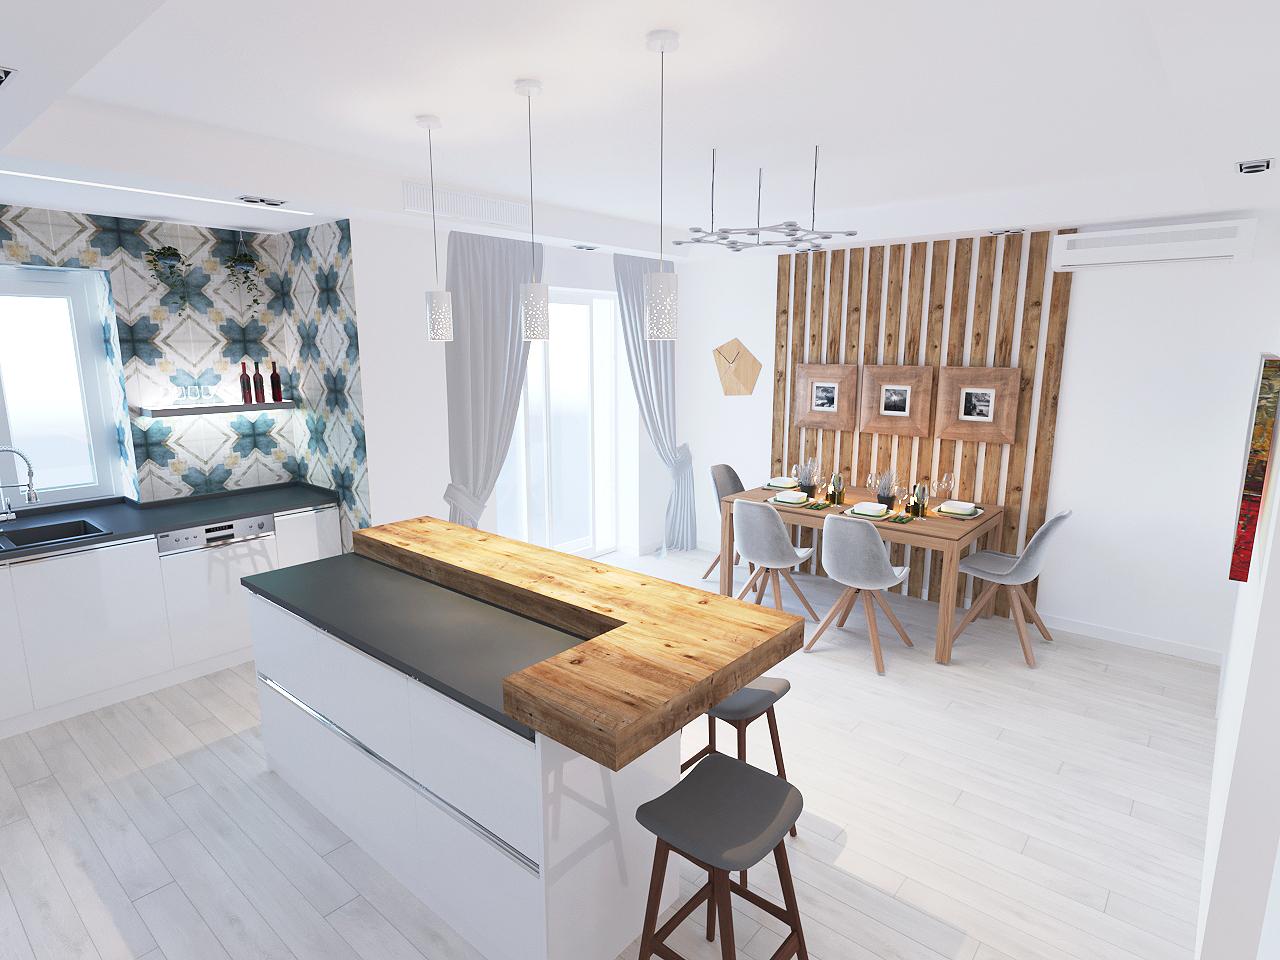 Дизайн проект интерьера первого уровня квартиры 69,9 м.кв. фото f_5665a8533b0e4d43.jpg